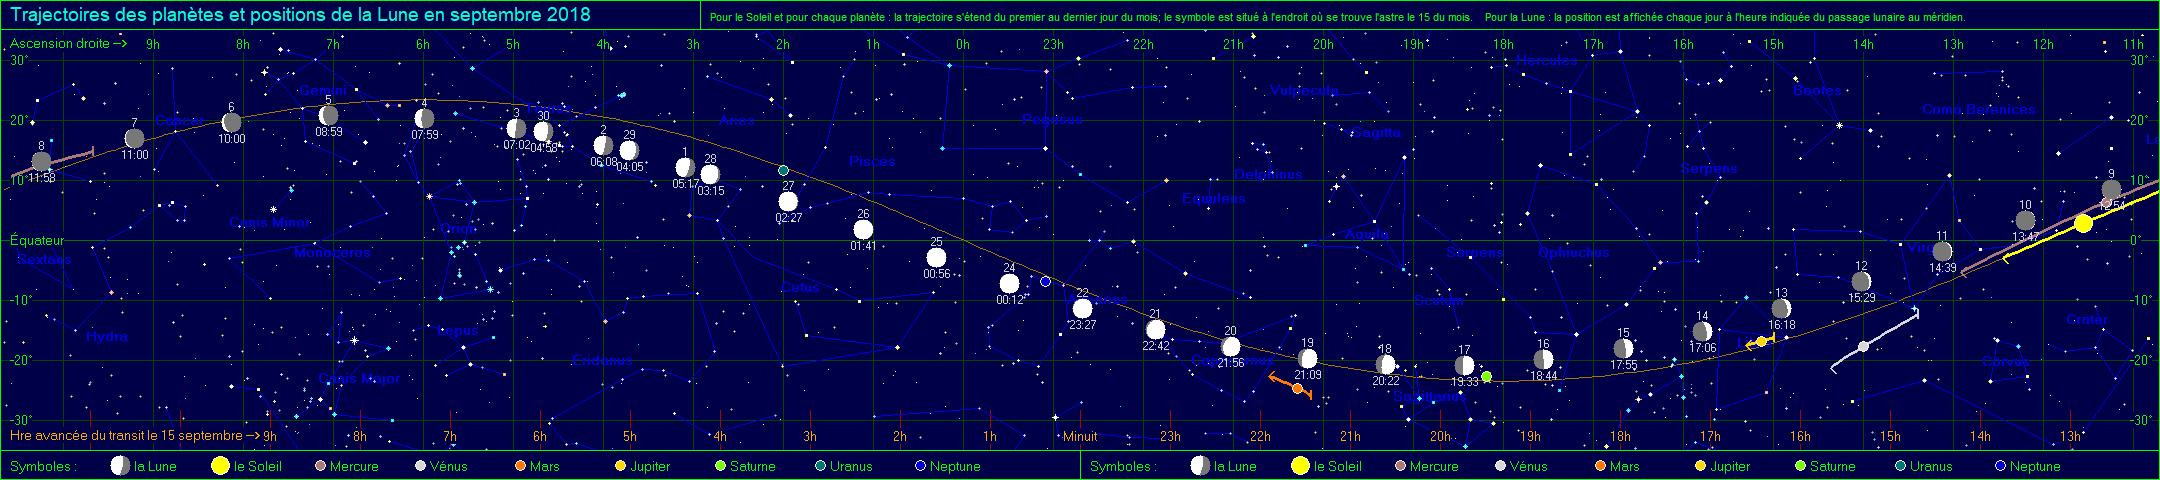 Trajectoires des planètes et positions de la Lune en juin 2020